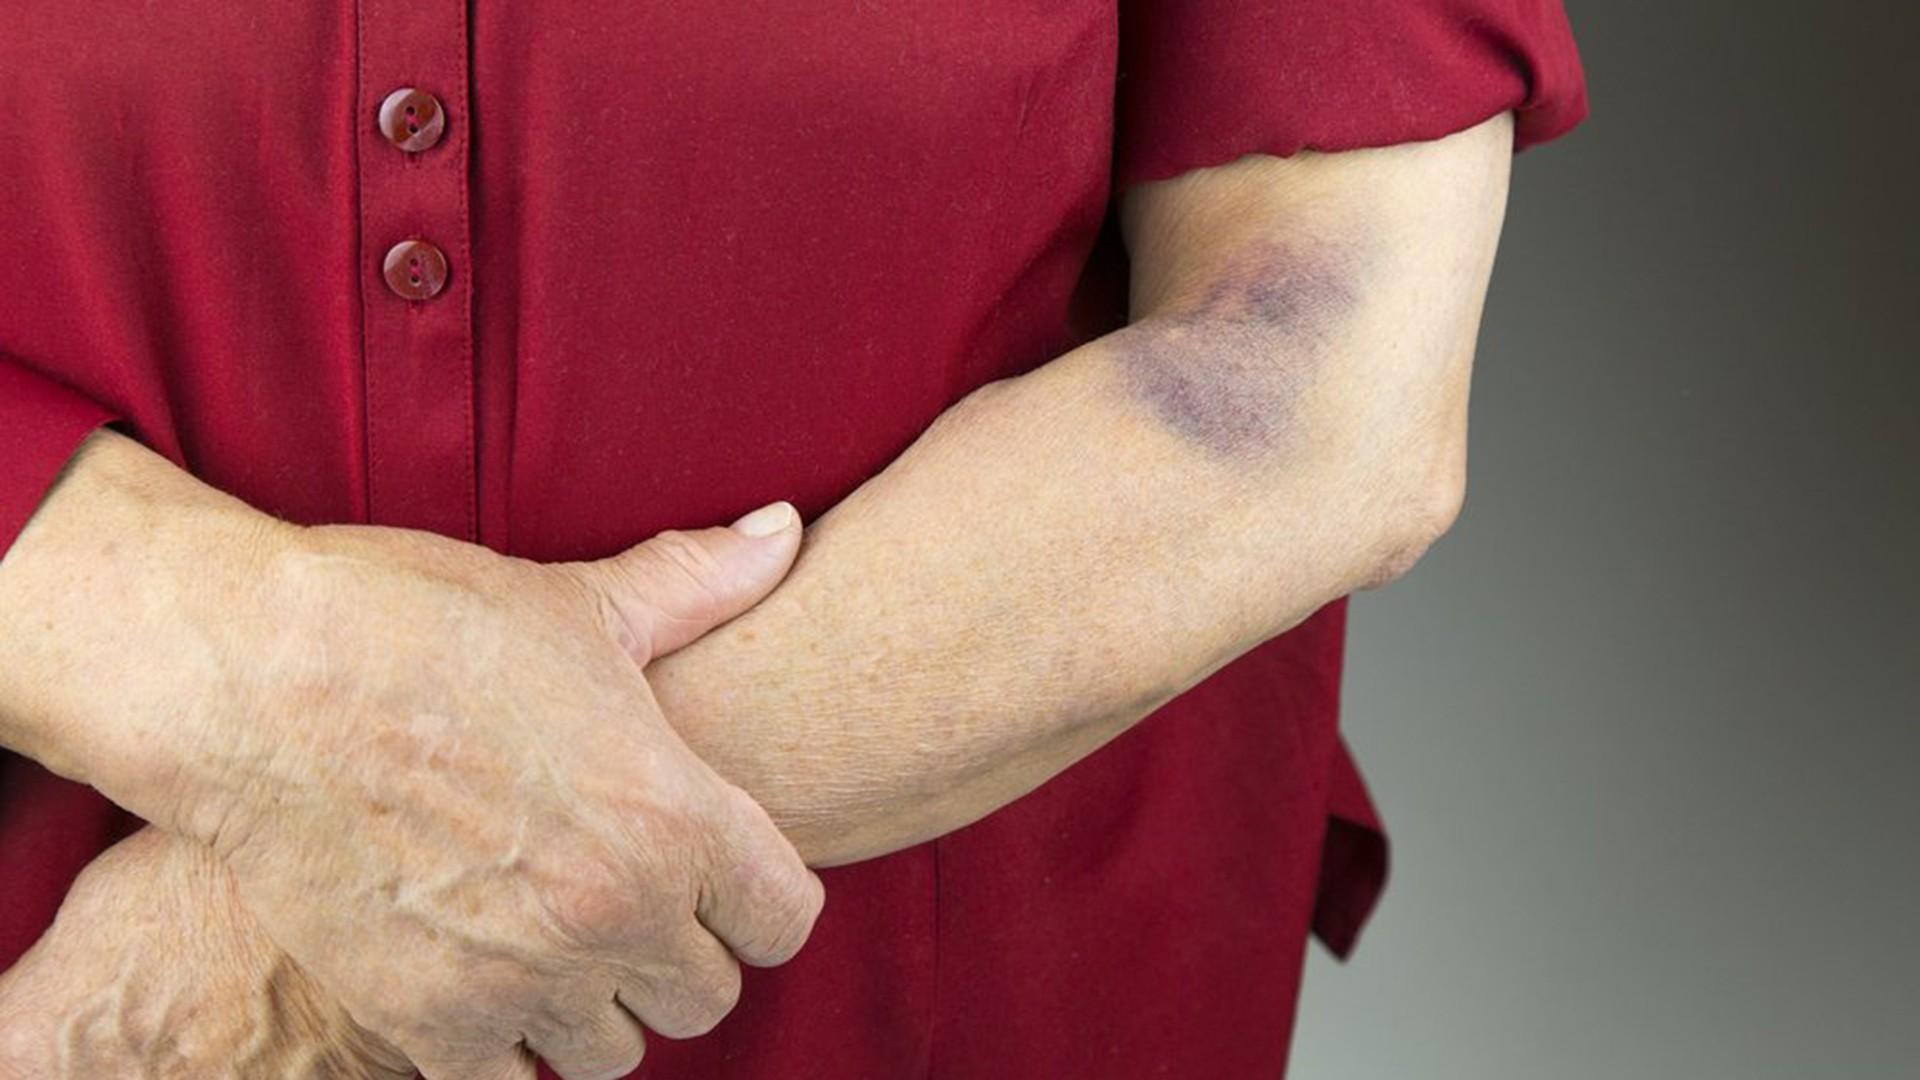 علل و عوامل کبودی و لکه های خونی زیر پوست